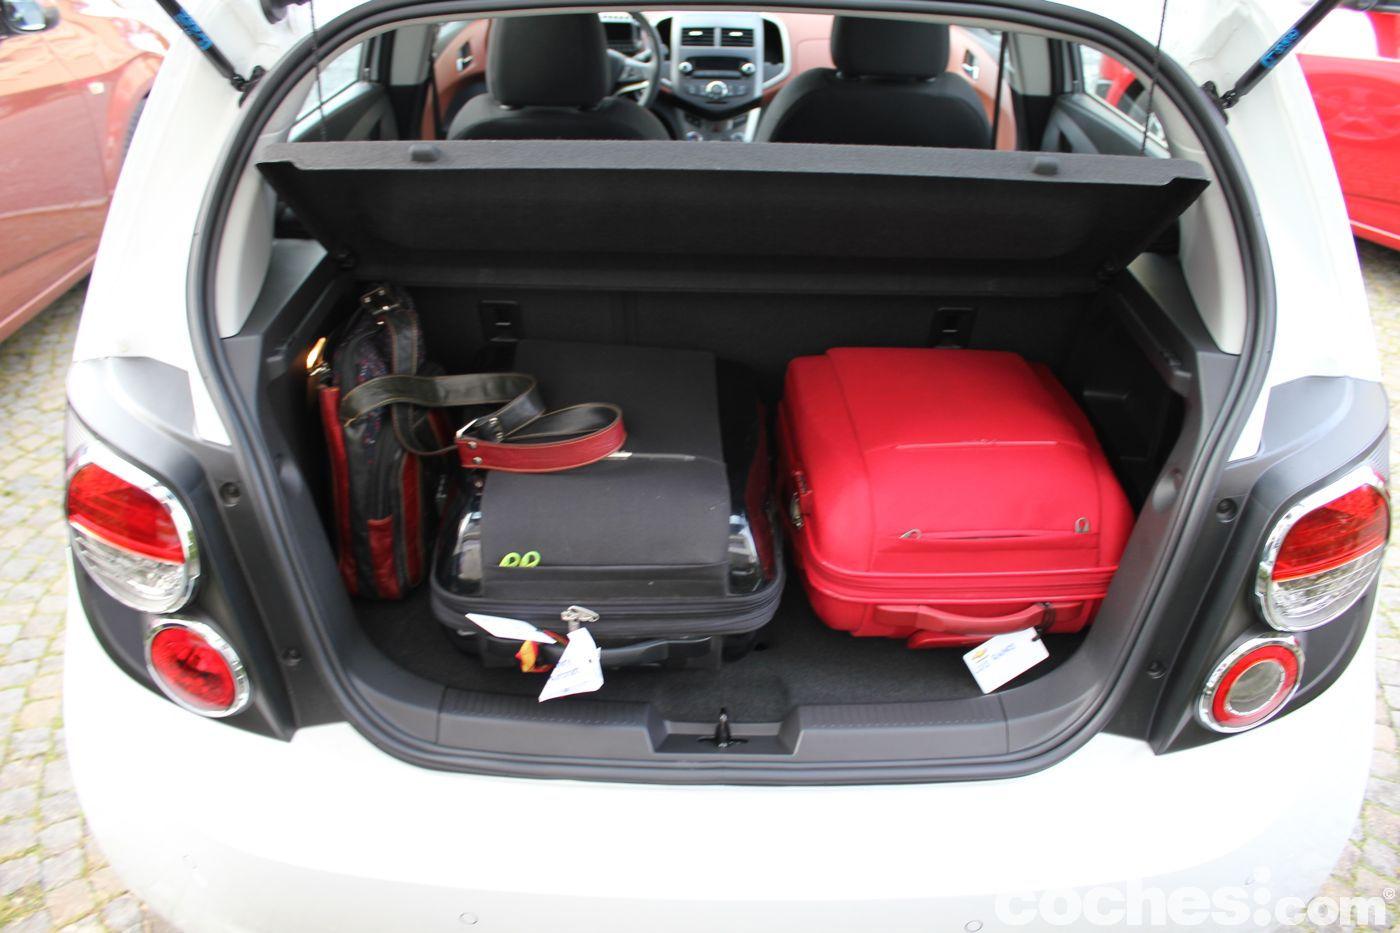 Prueba contacto chevrolet aveo 1 3 di sel de 95 cv - Poner luz interior coche ...